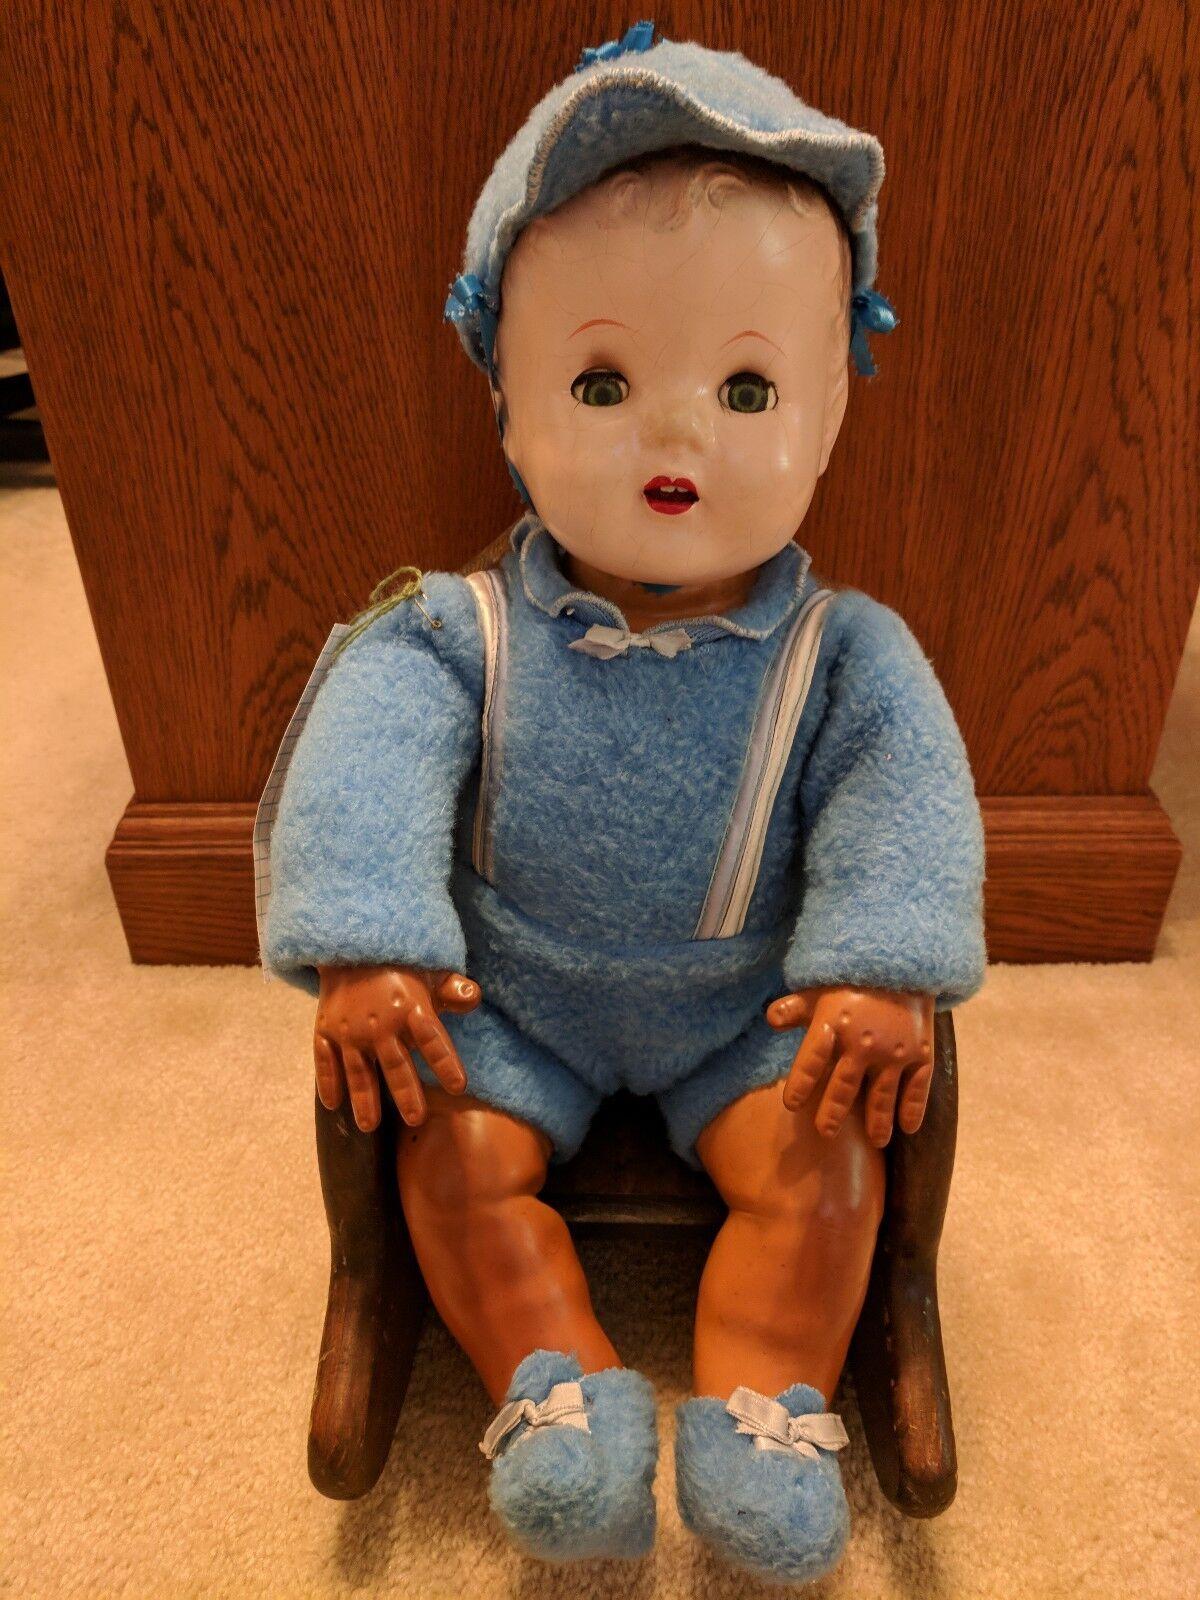 1940s Ideal Baby Magic Piel Bebé Con Tapas De Dormir De Estaño Pestañas - 20  con silla